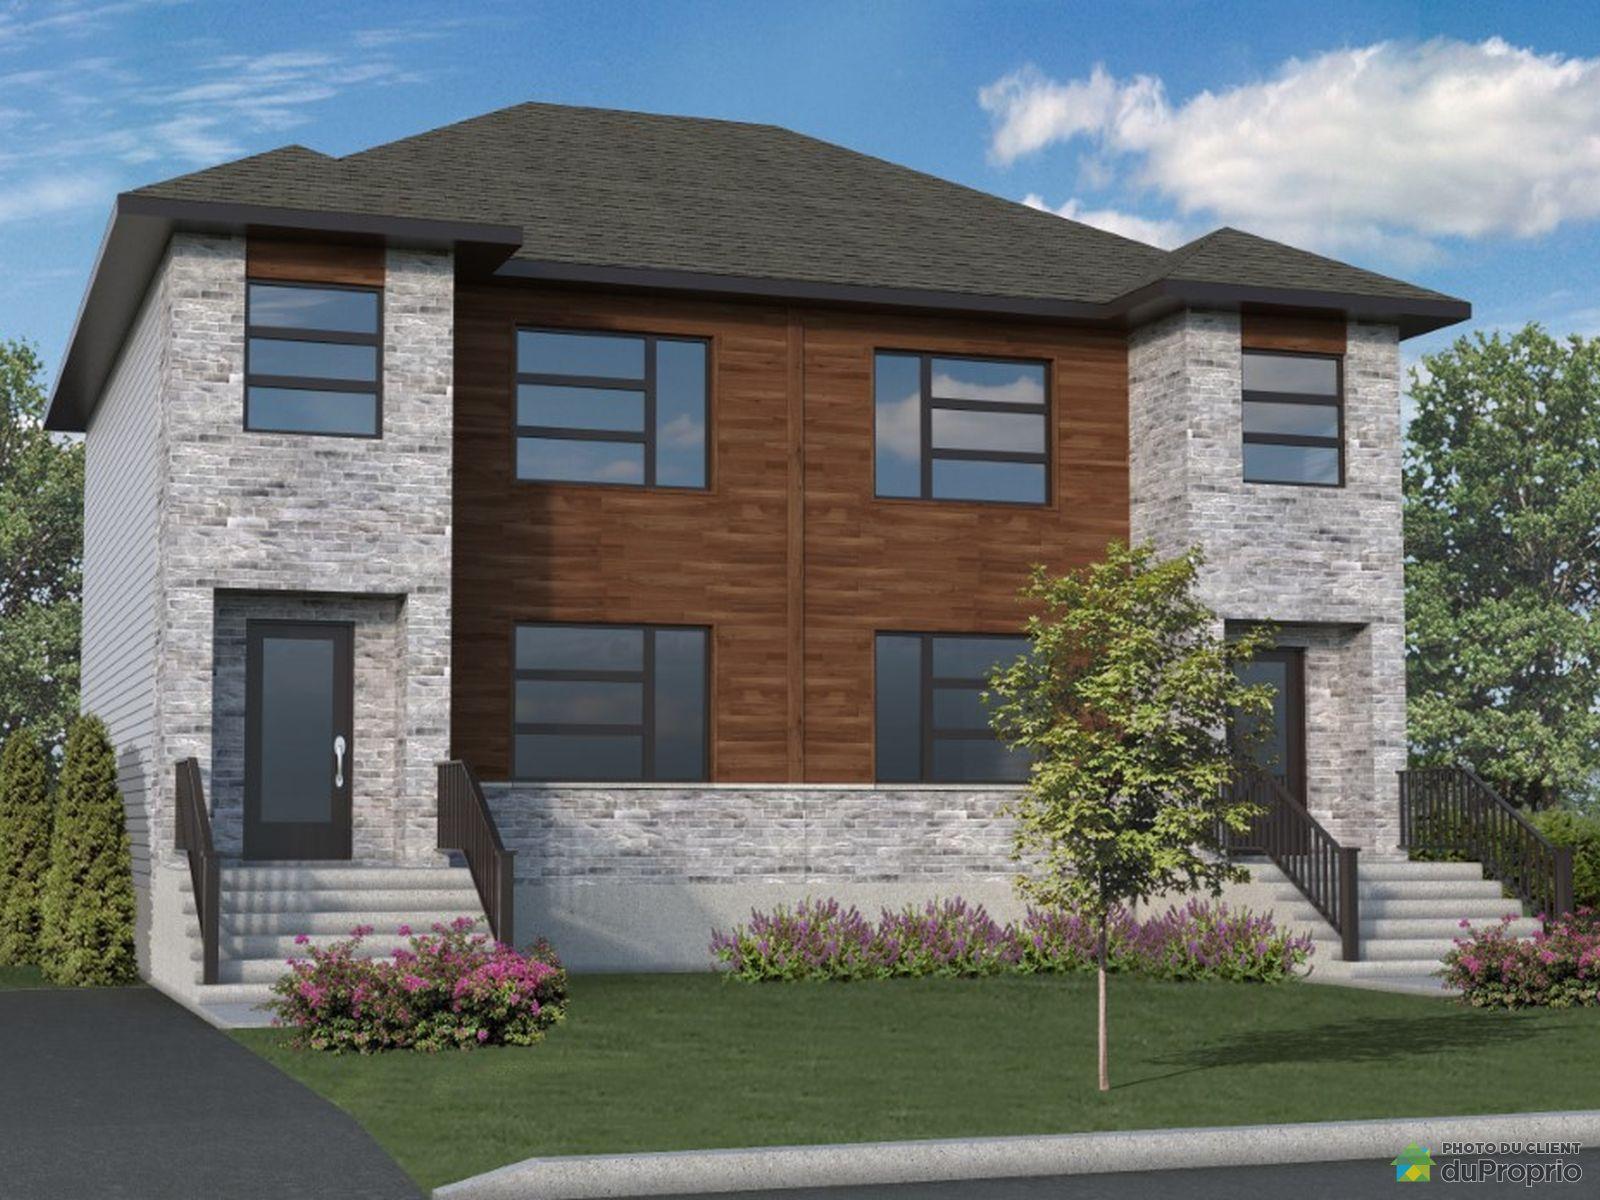 901, rue Vinet - Modèle Le Limoge - Par les Habitations RB, Salaberry-De-Valleyfield à vendre